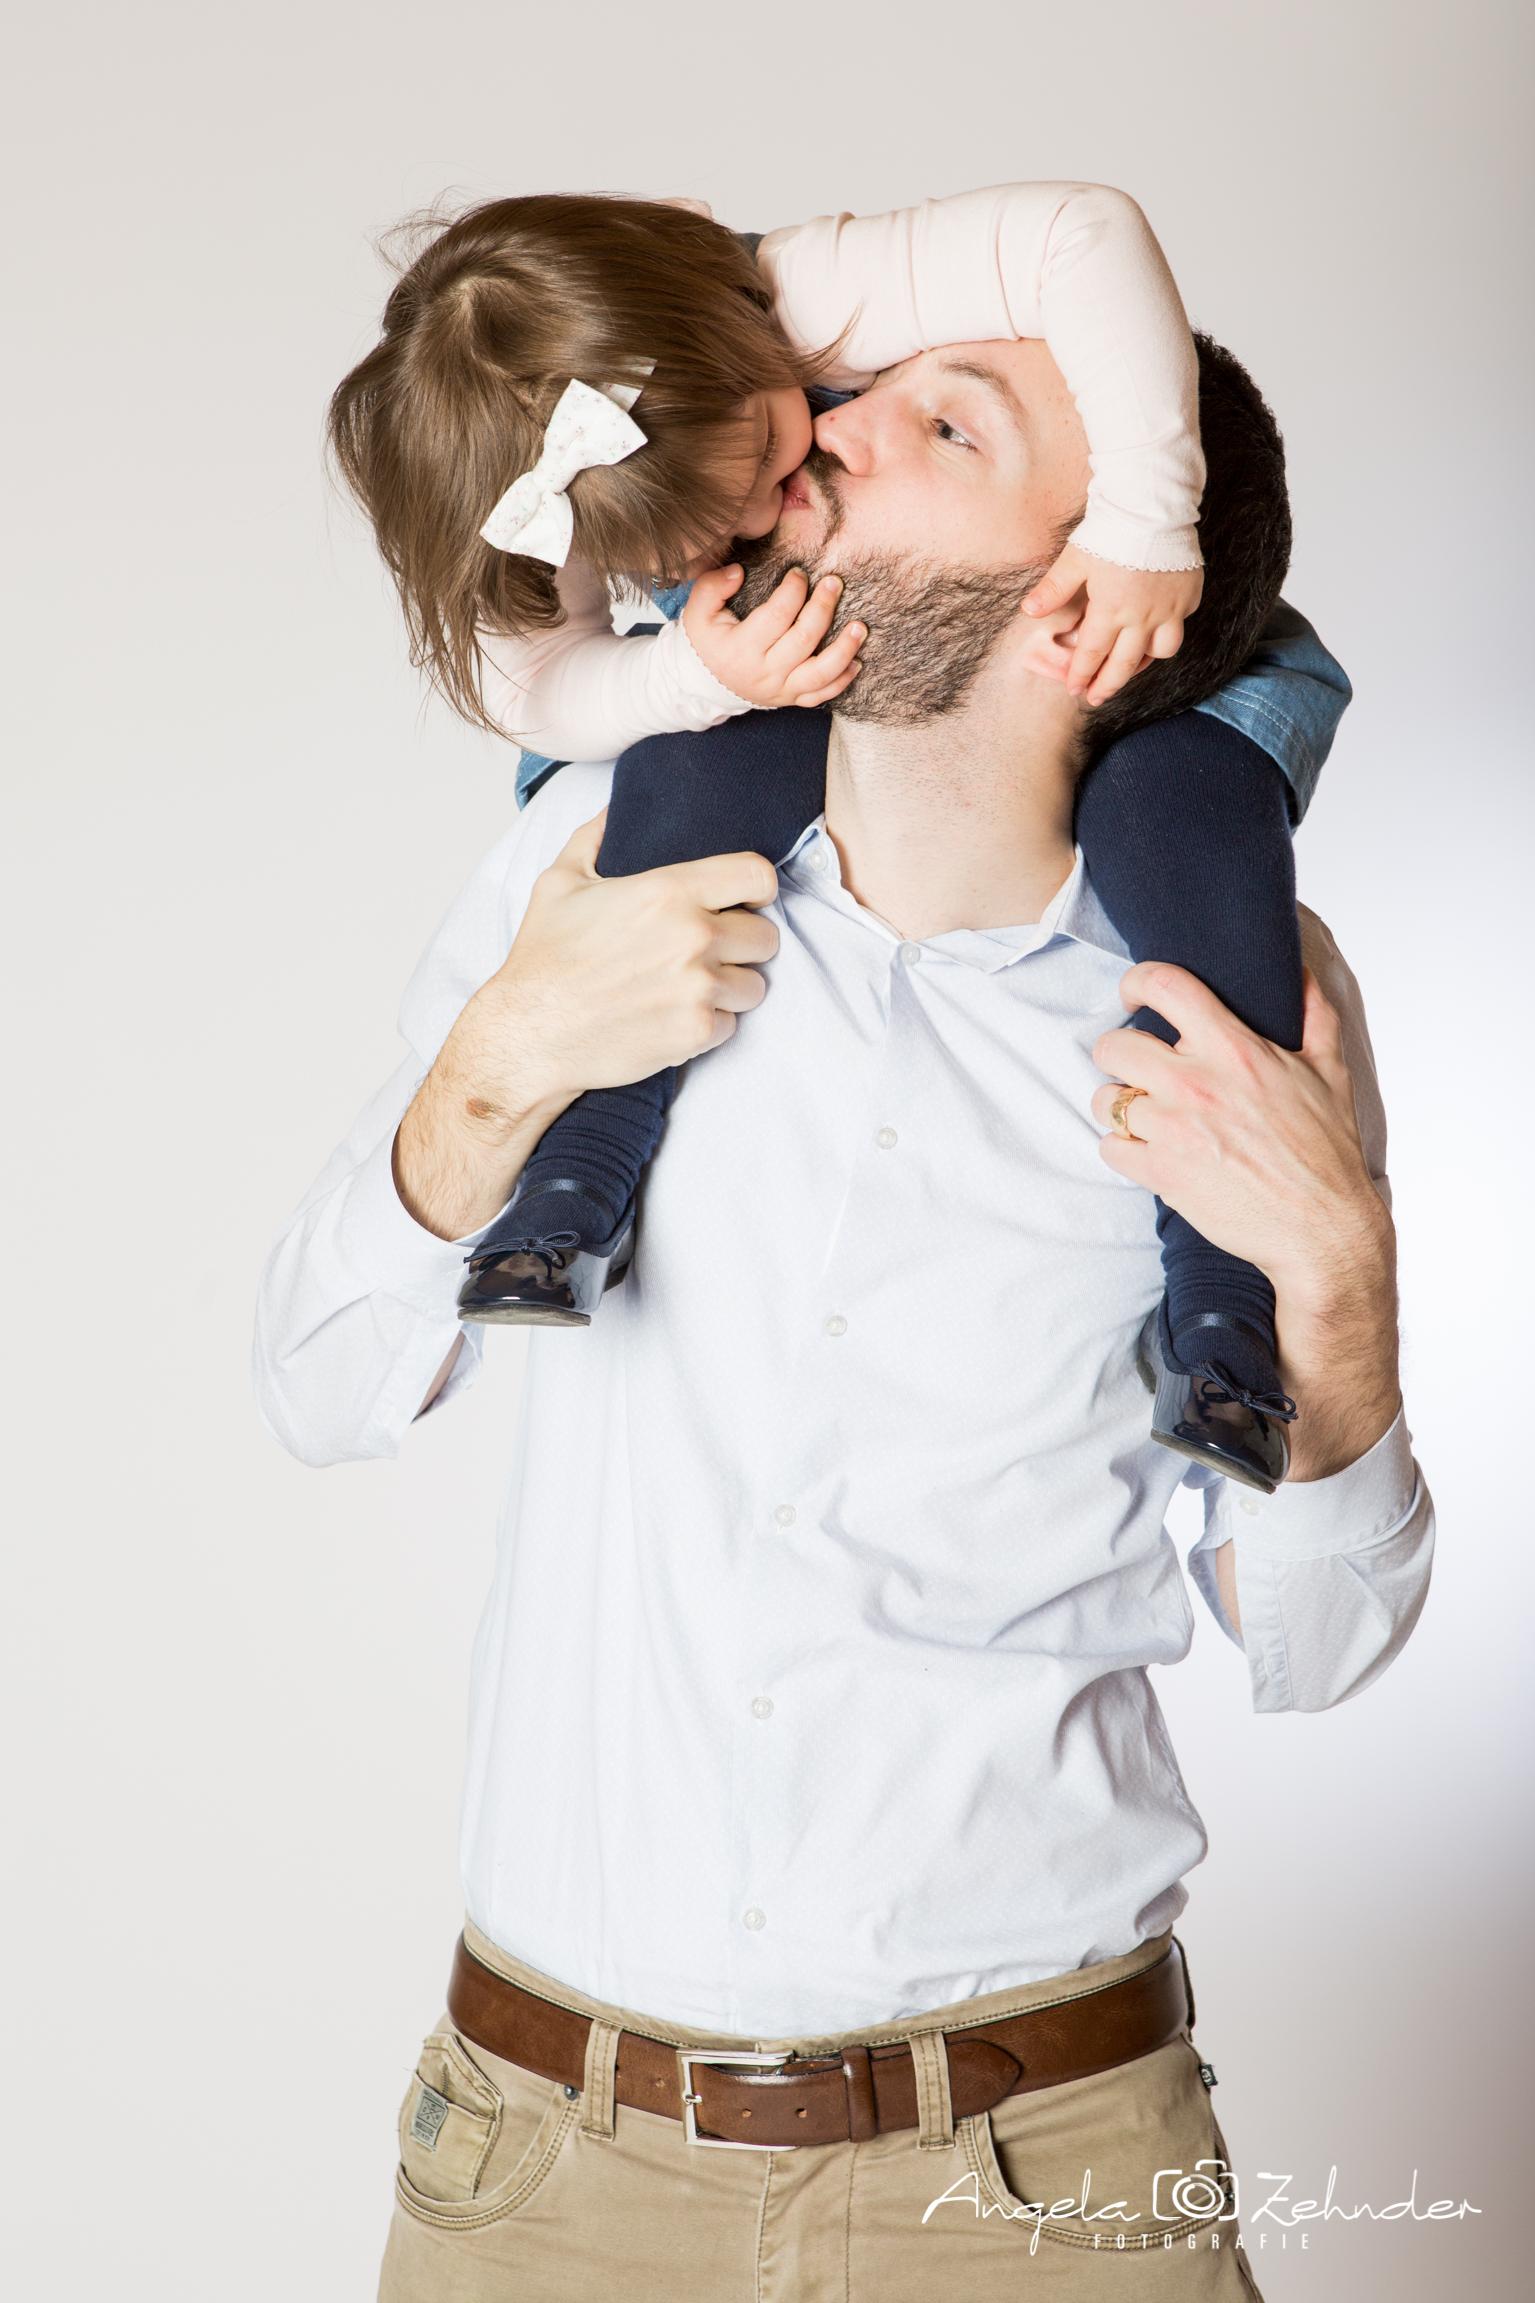 angel-zehnder-fotografie-family-31